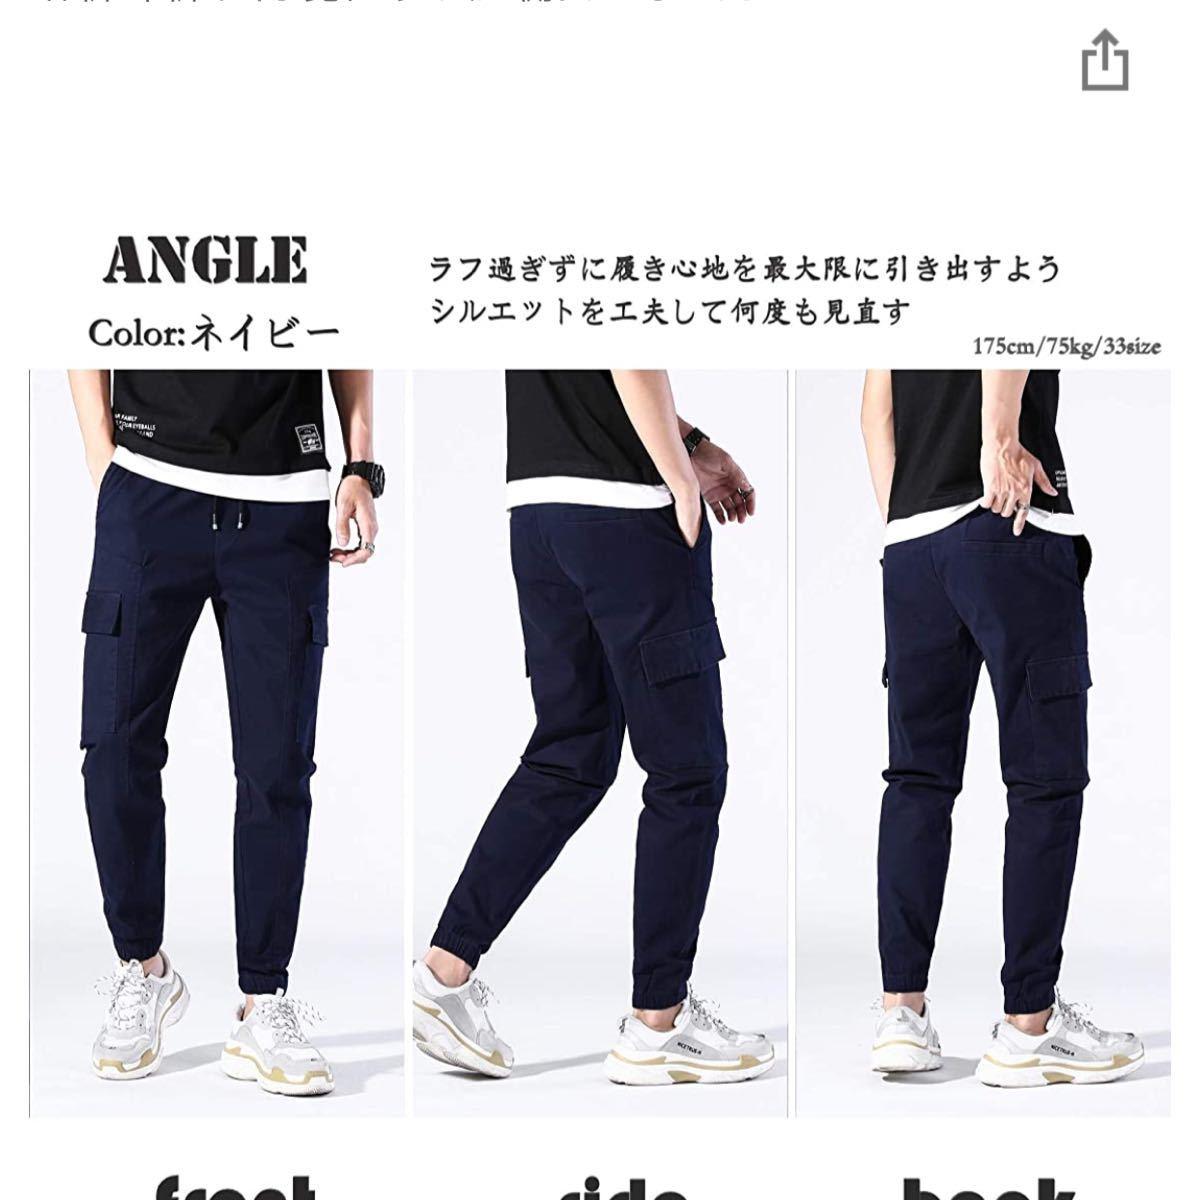 メンズ カーゴパンツ ワークパンツ ロングパンツ ウエスト86.0 ヒップ112 総丈100 裾幅27.2;